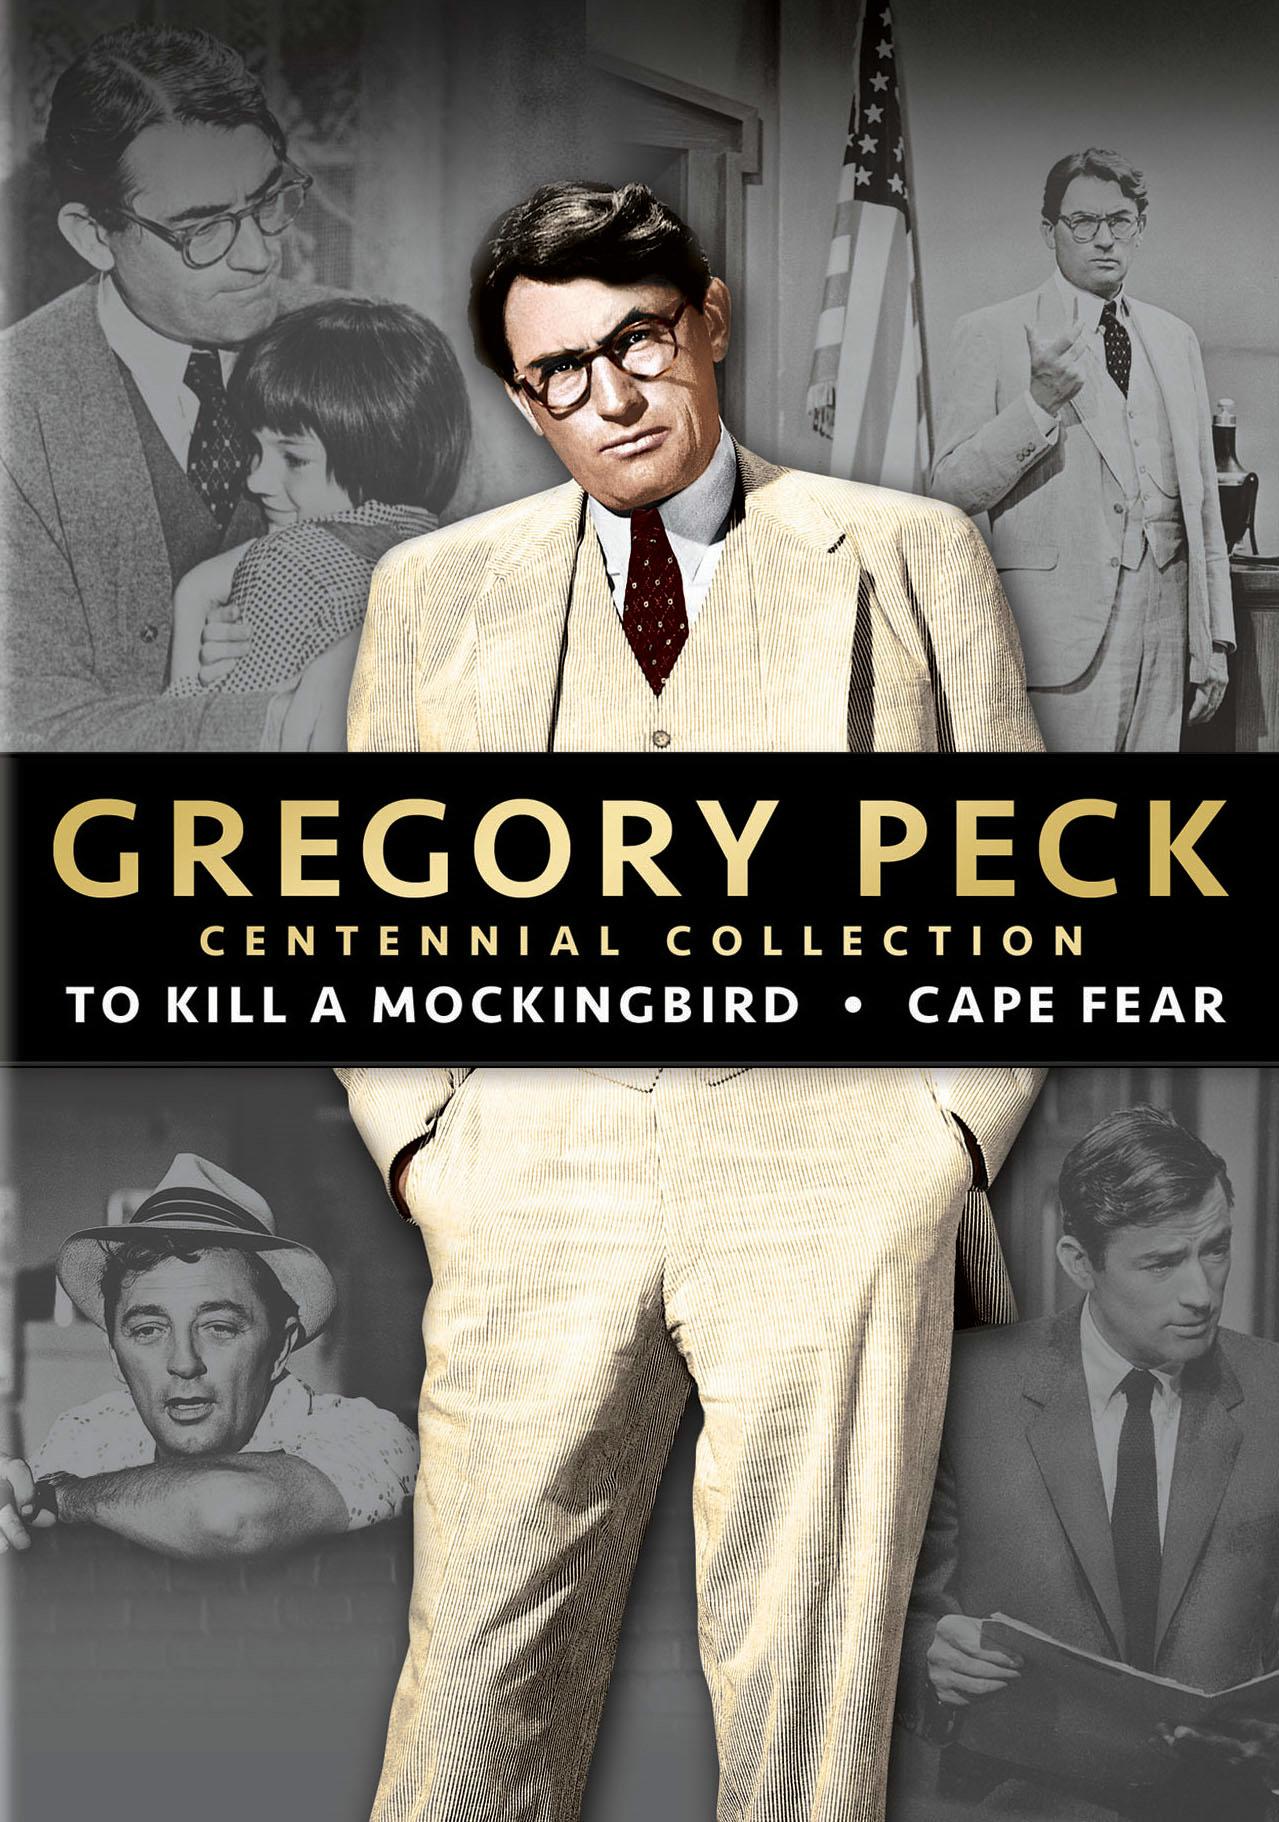 Gregory Peck Centennial Collection (Box Set) [DVD]